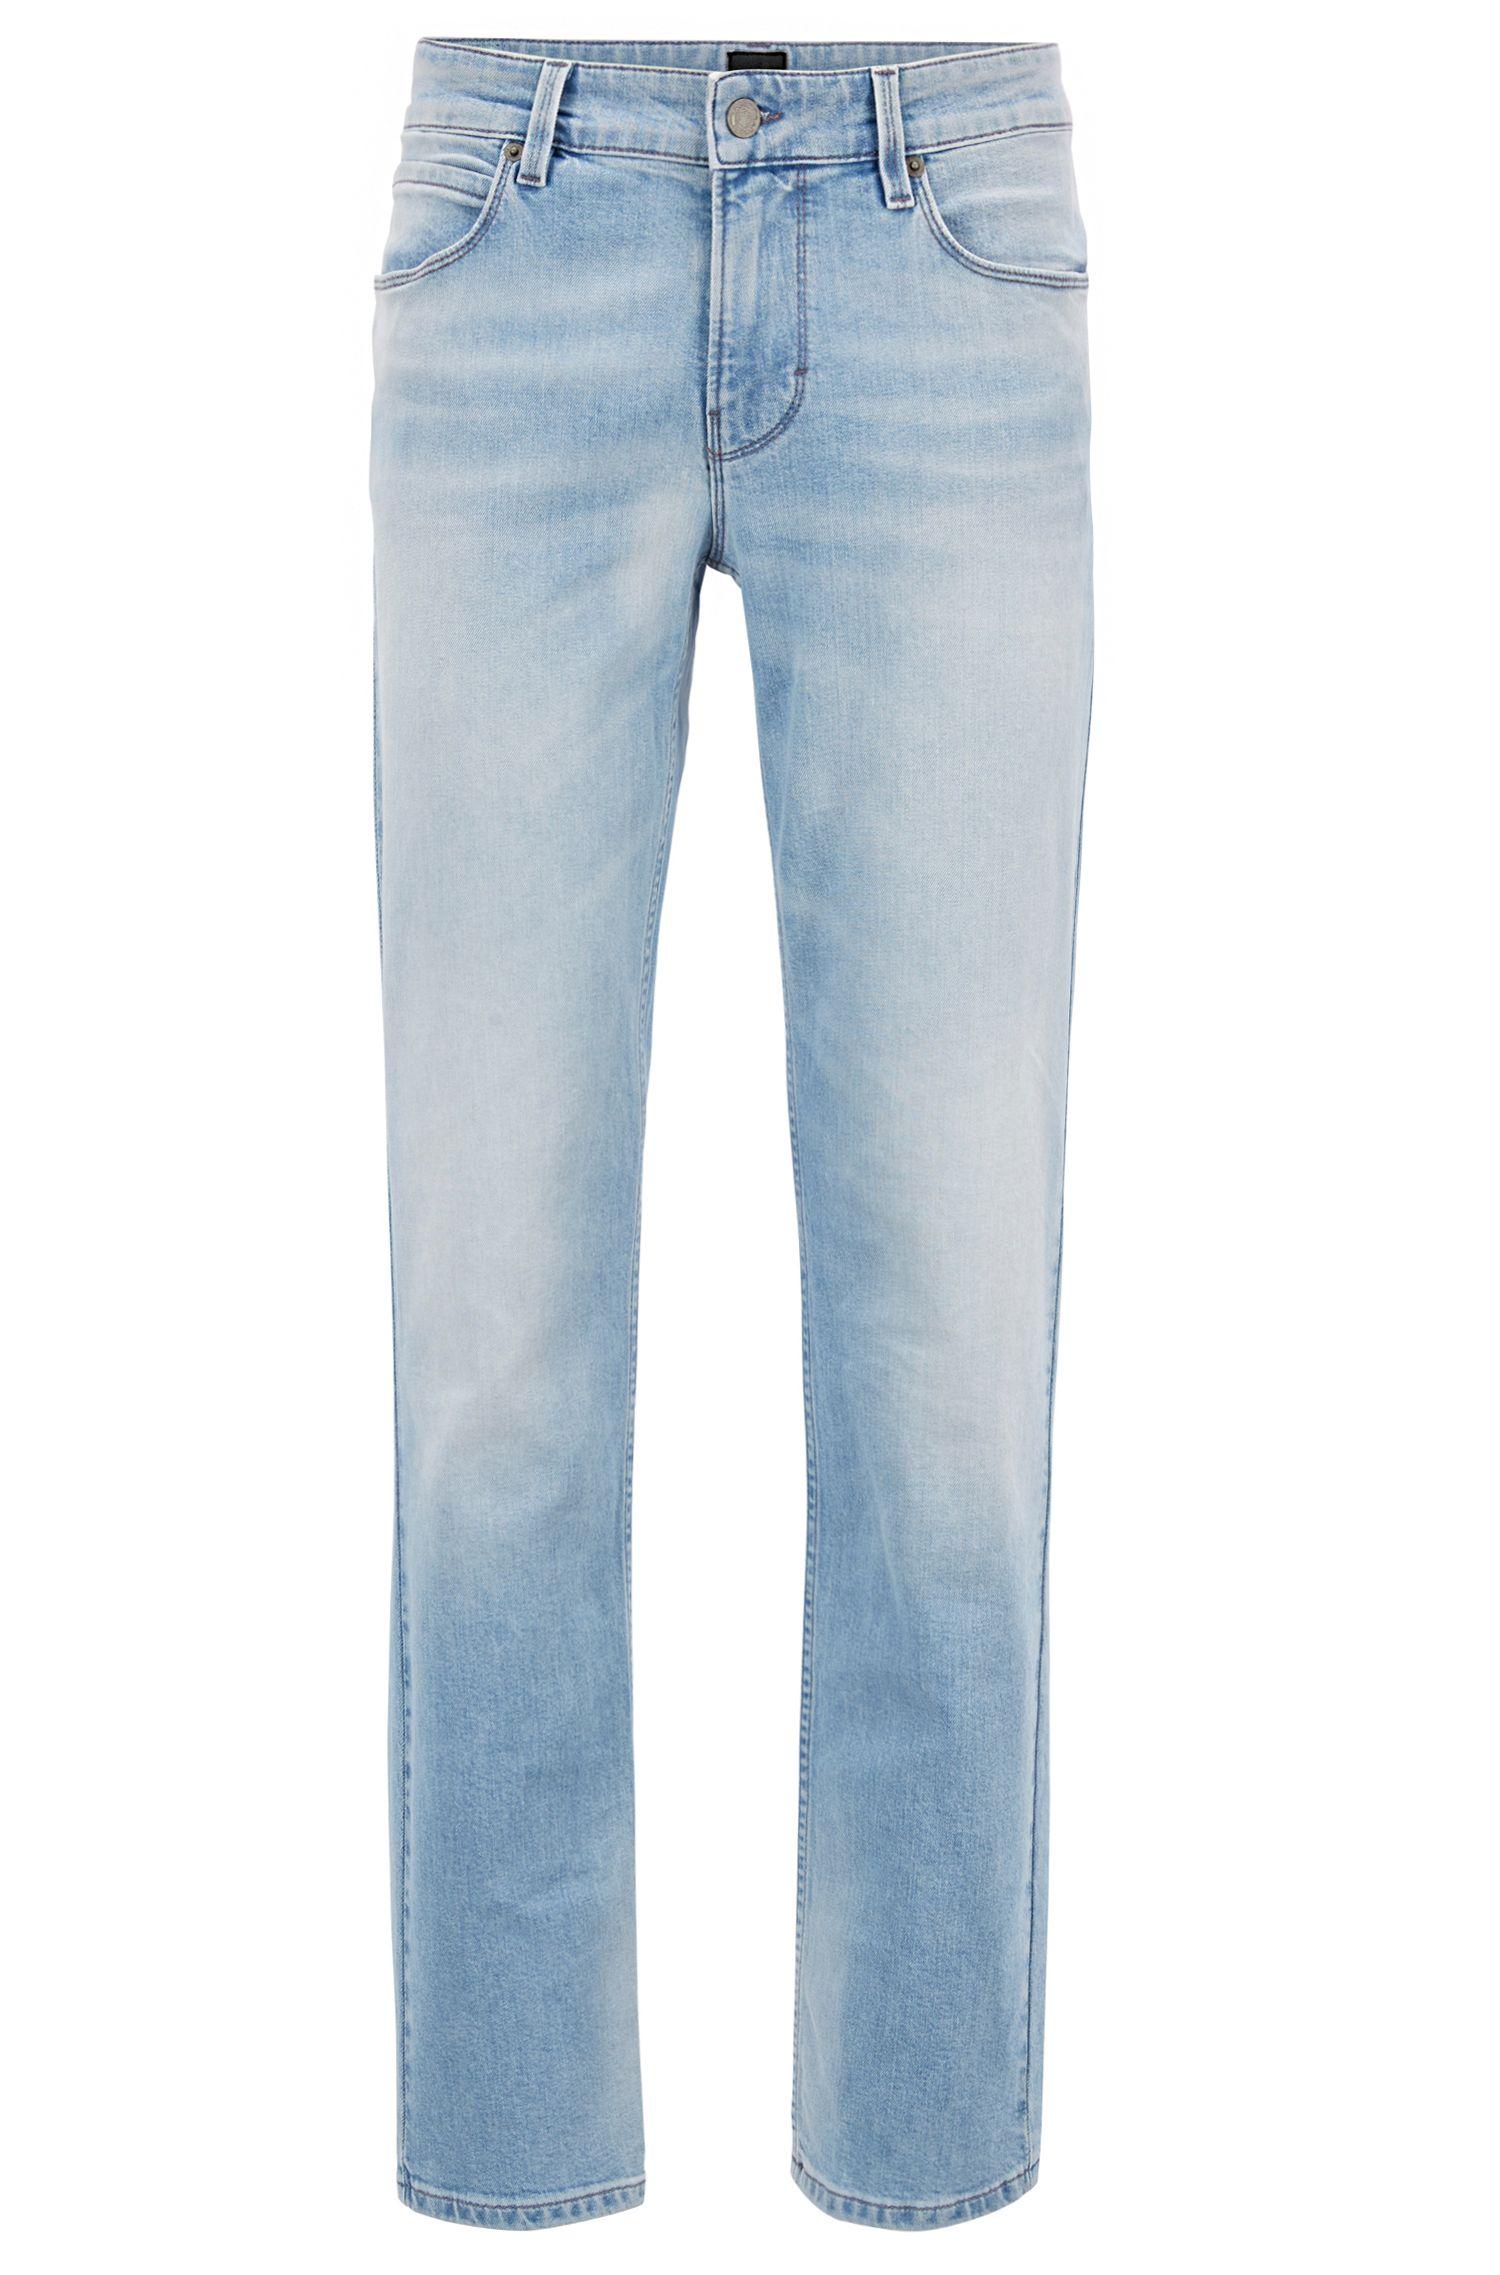 Jeans Slim Fit en denim super stretch